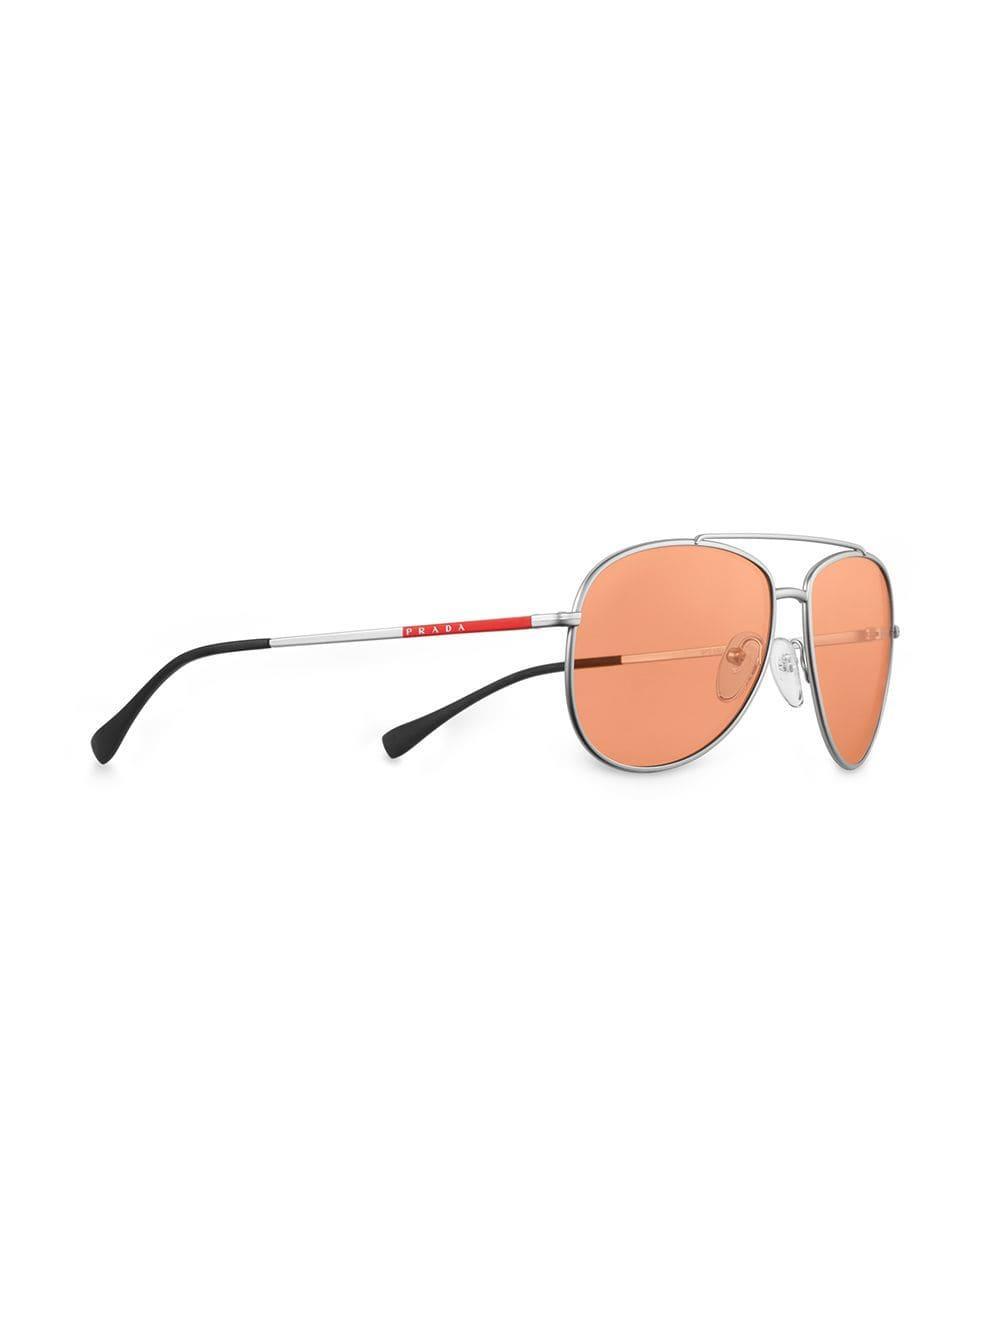 a55f44fd2c4d Lyst - Prada Aviator Sunglasses in Metallic for Men